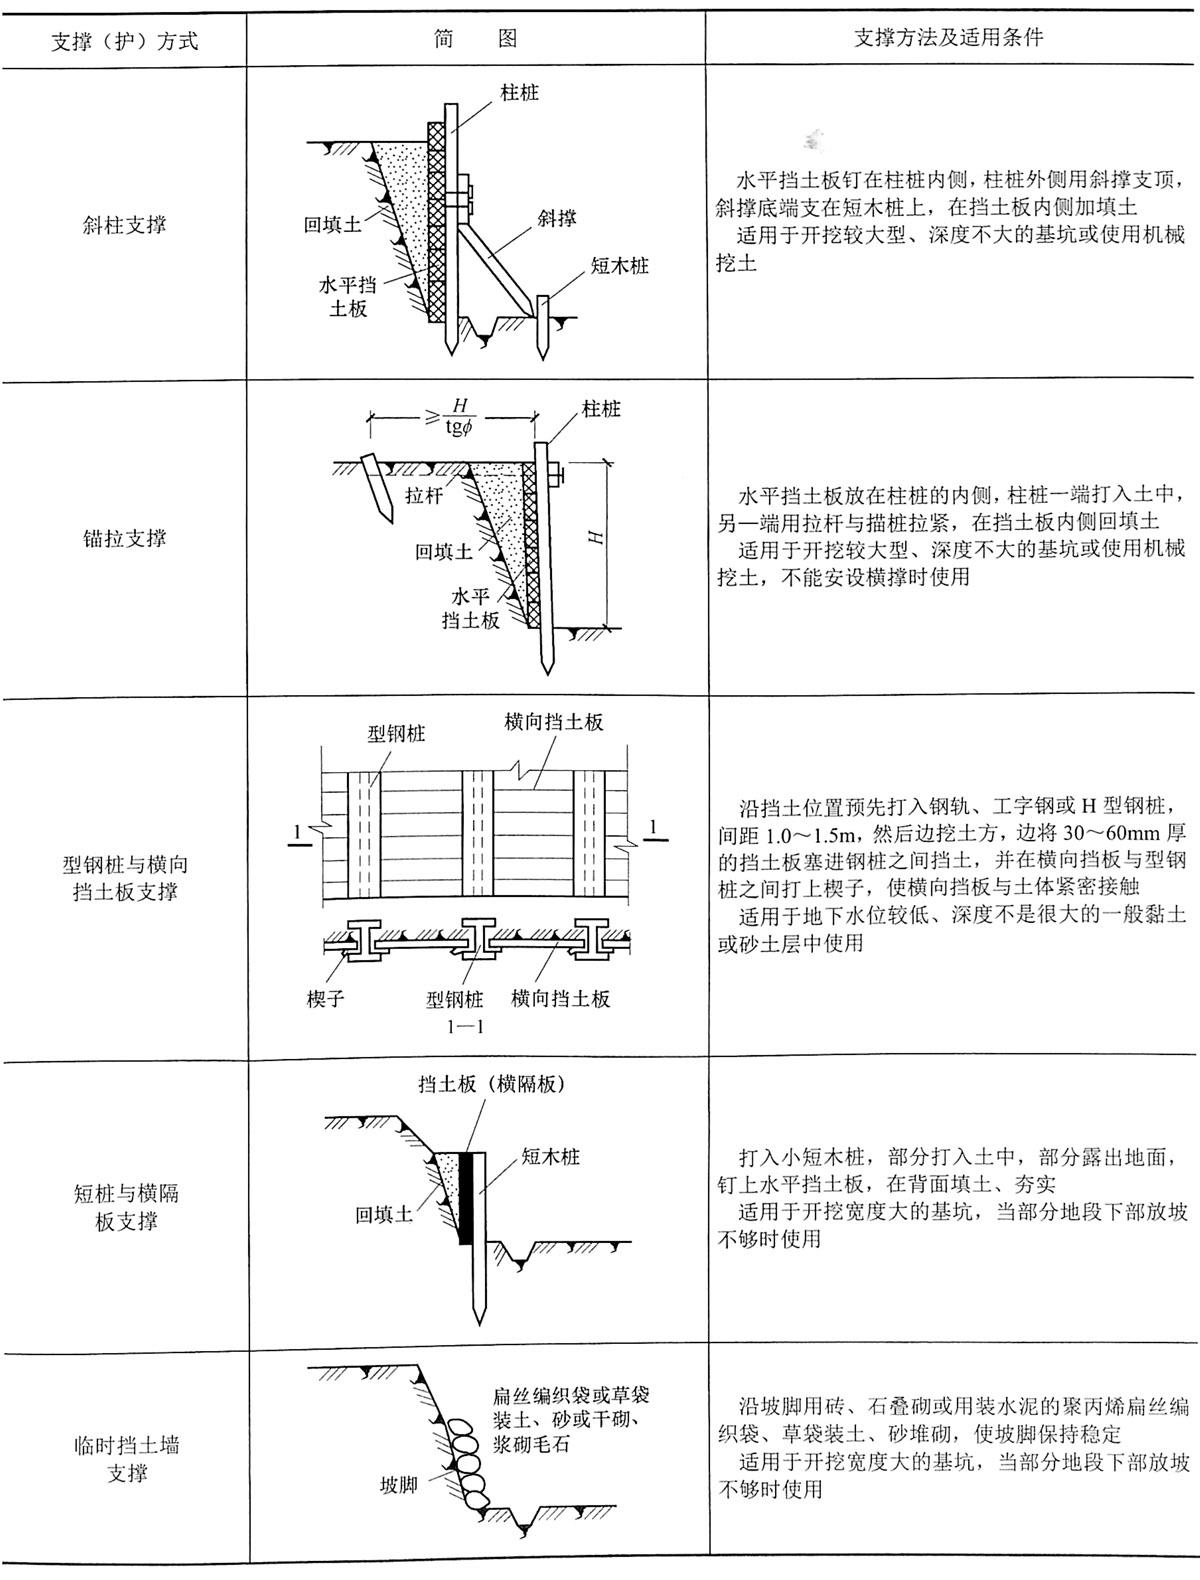 表4-12一般浅基坑的支撑方法